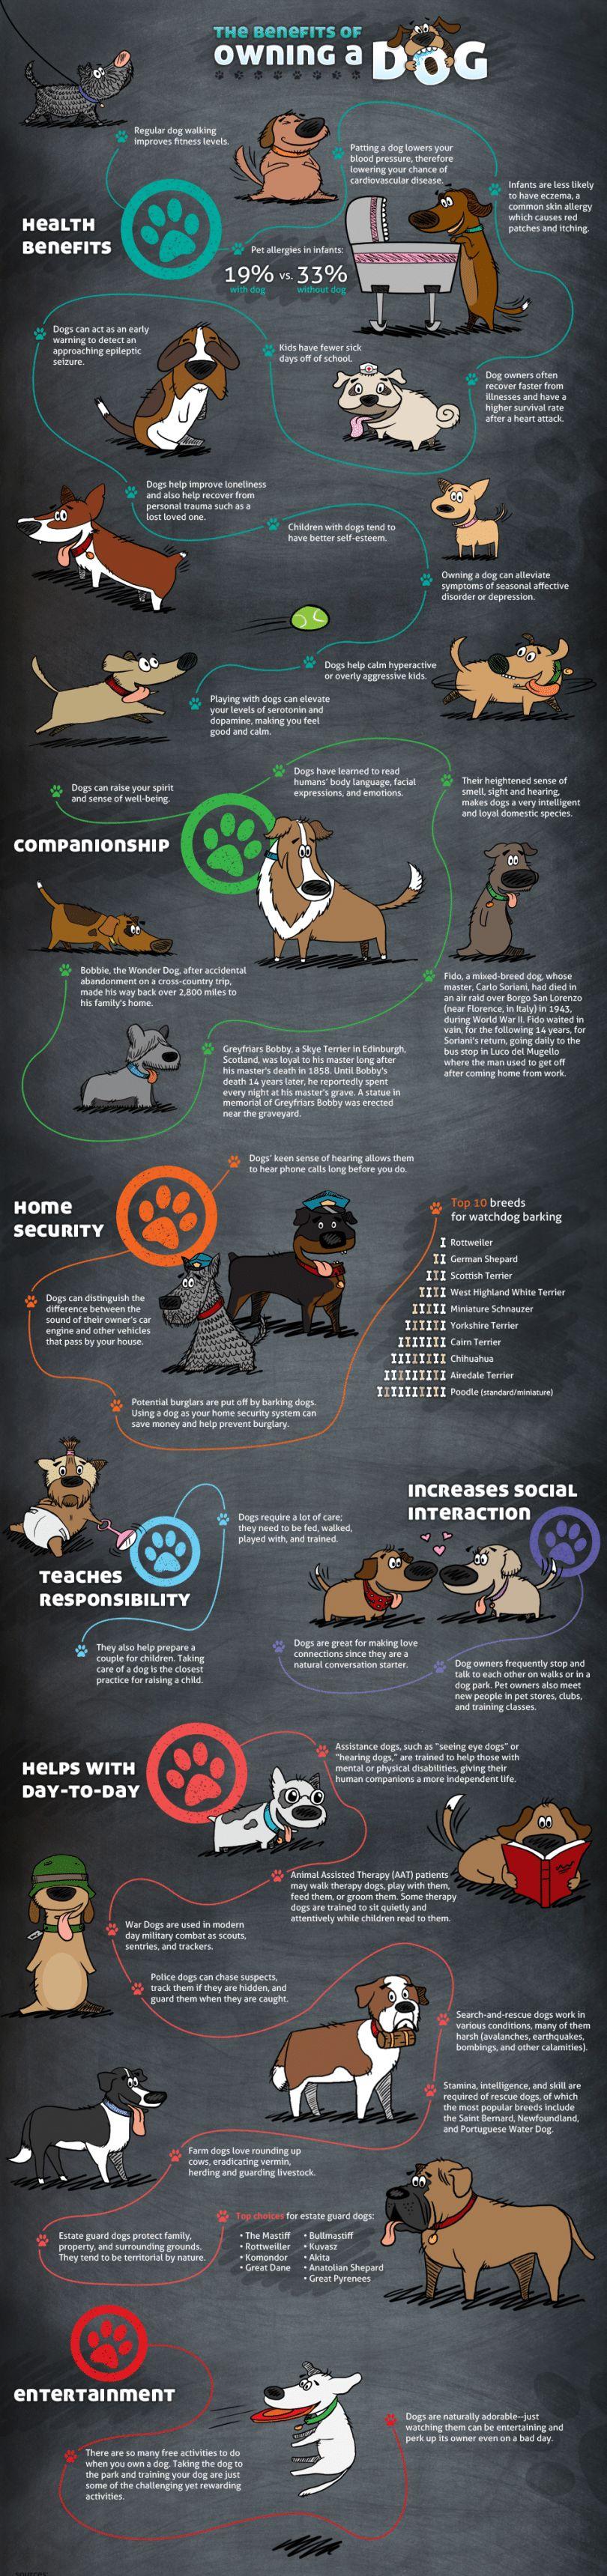 Ciclo de vida de un perro: un enfoque a fondo de la